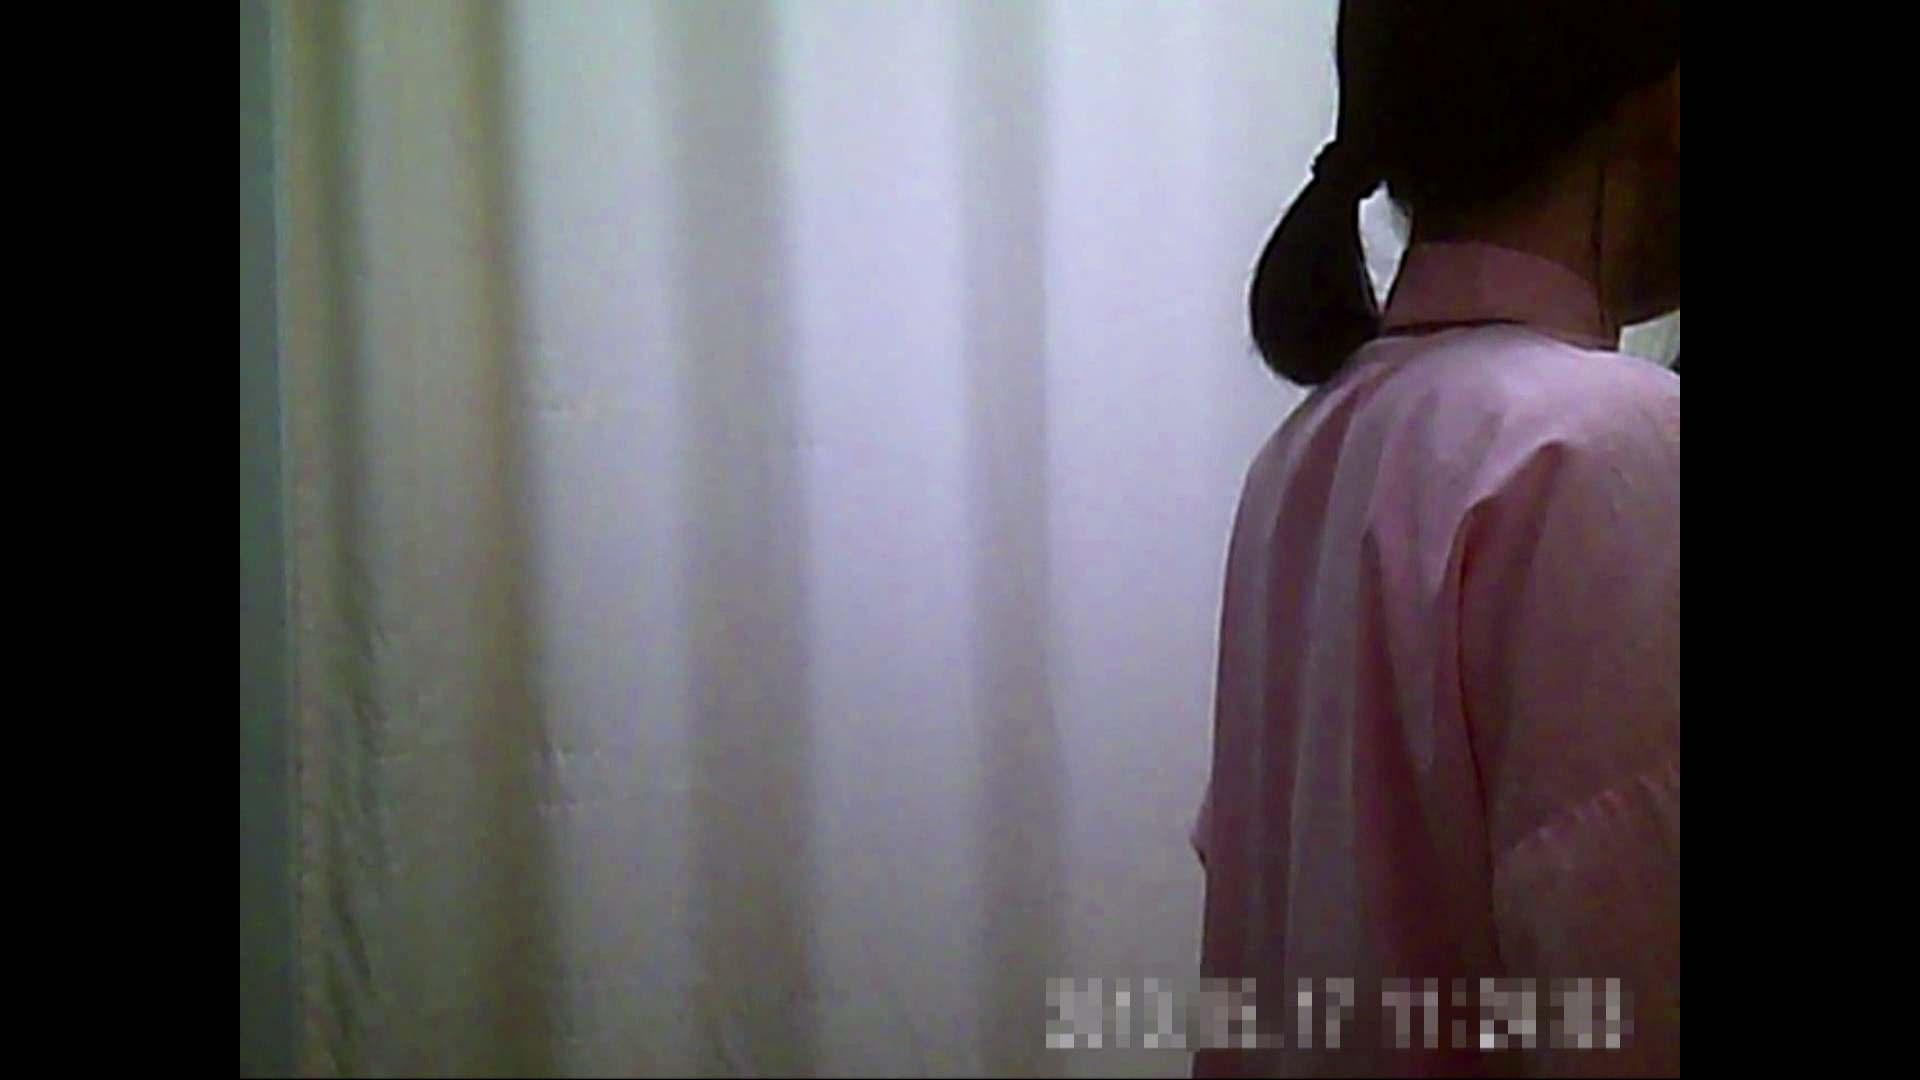 元医者による反抗 更衣室地獄絵巻 vol.048 OL  81pic 72